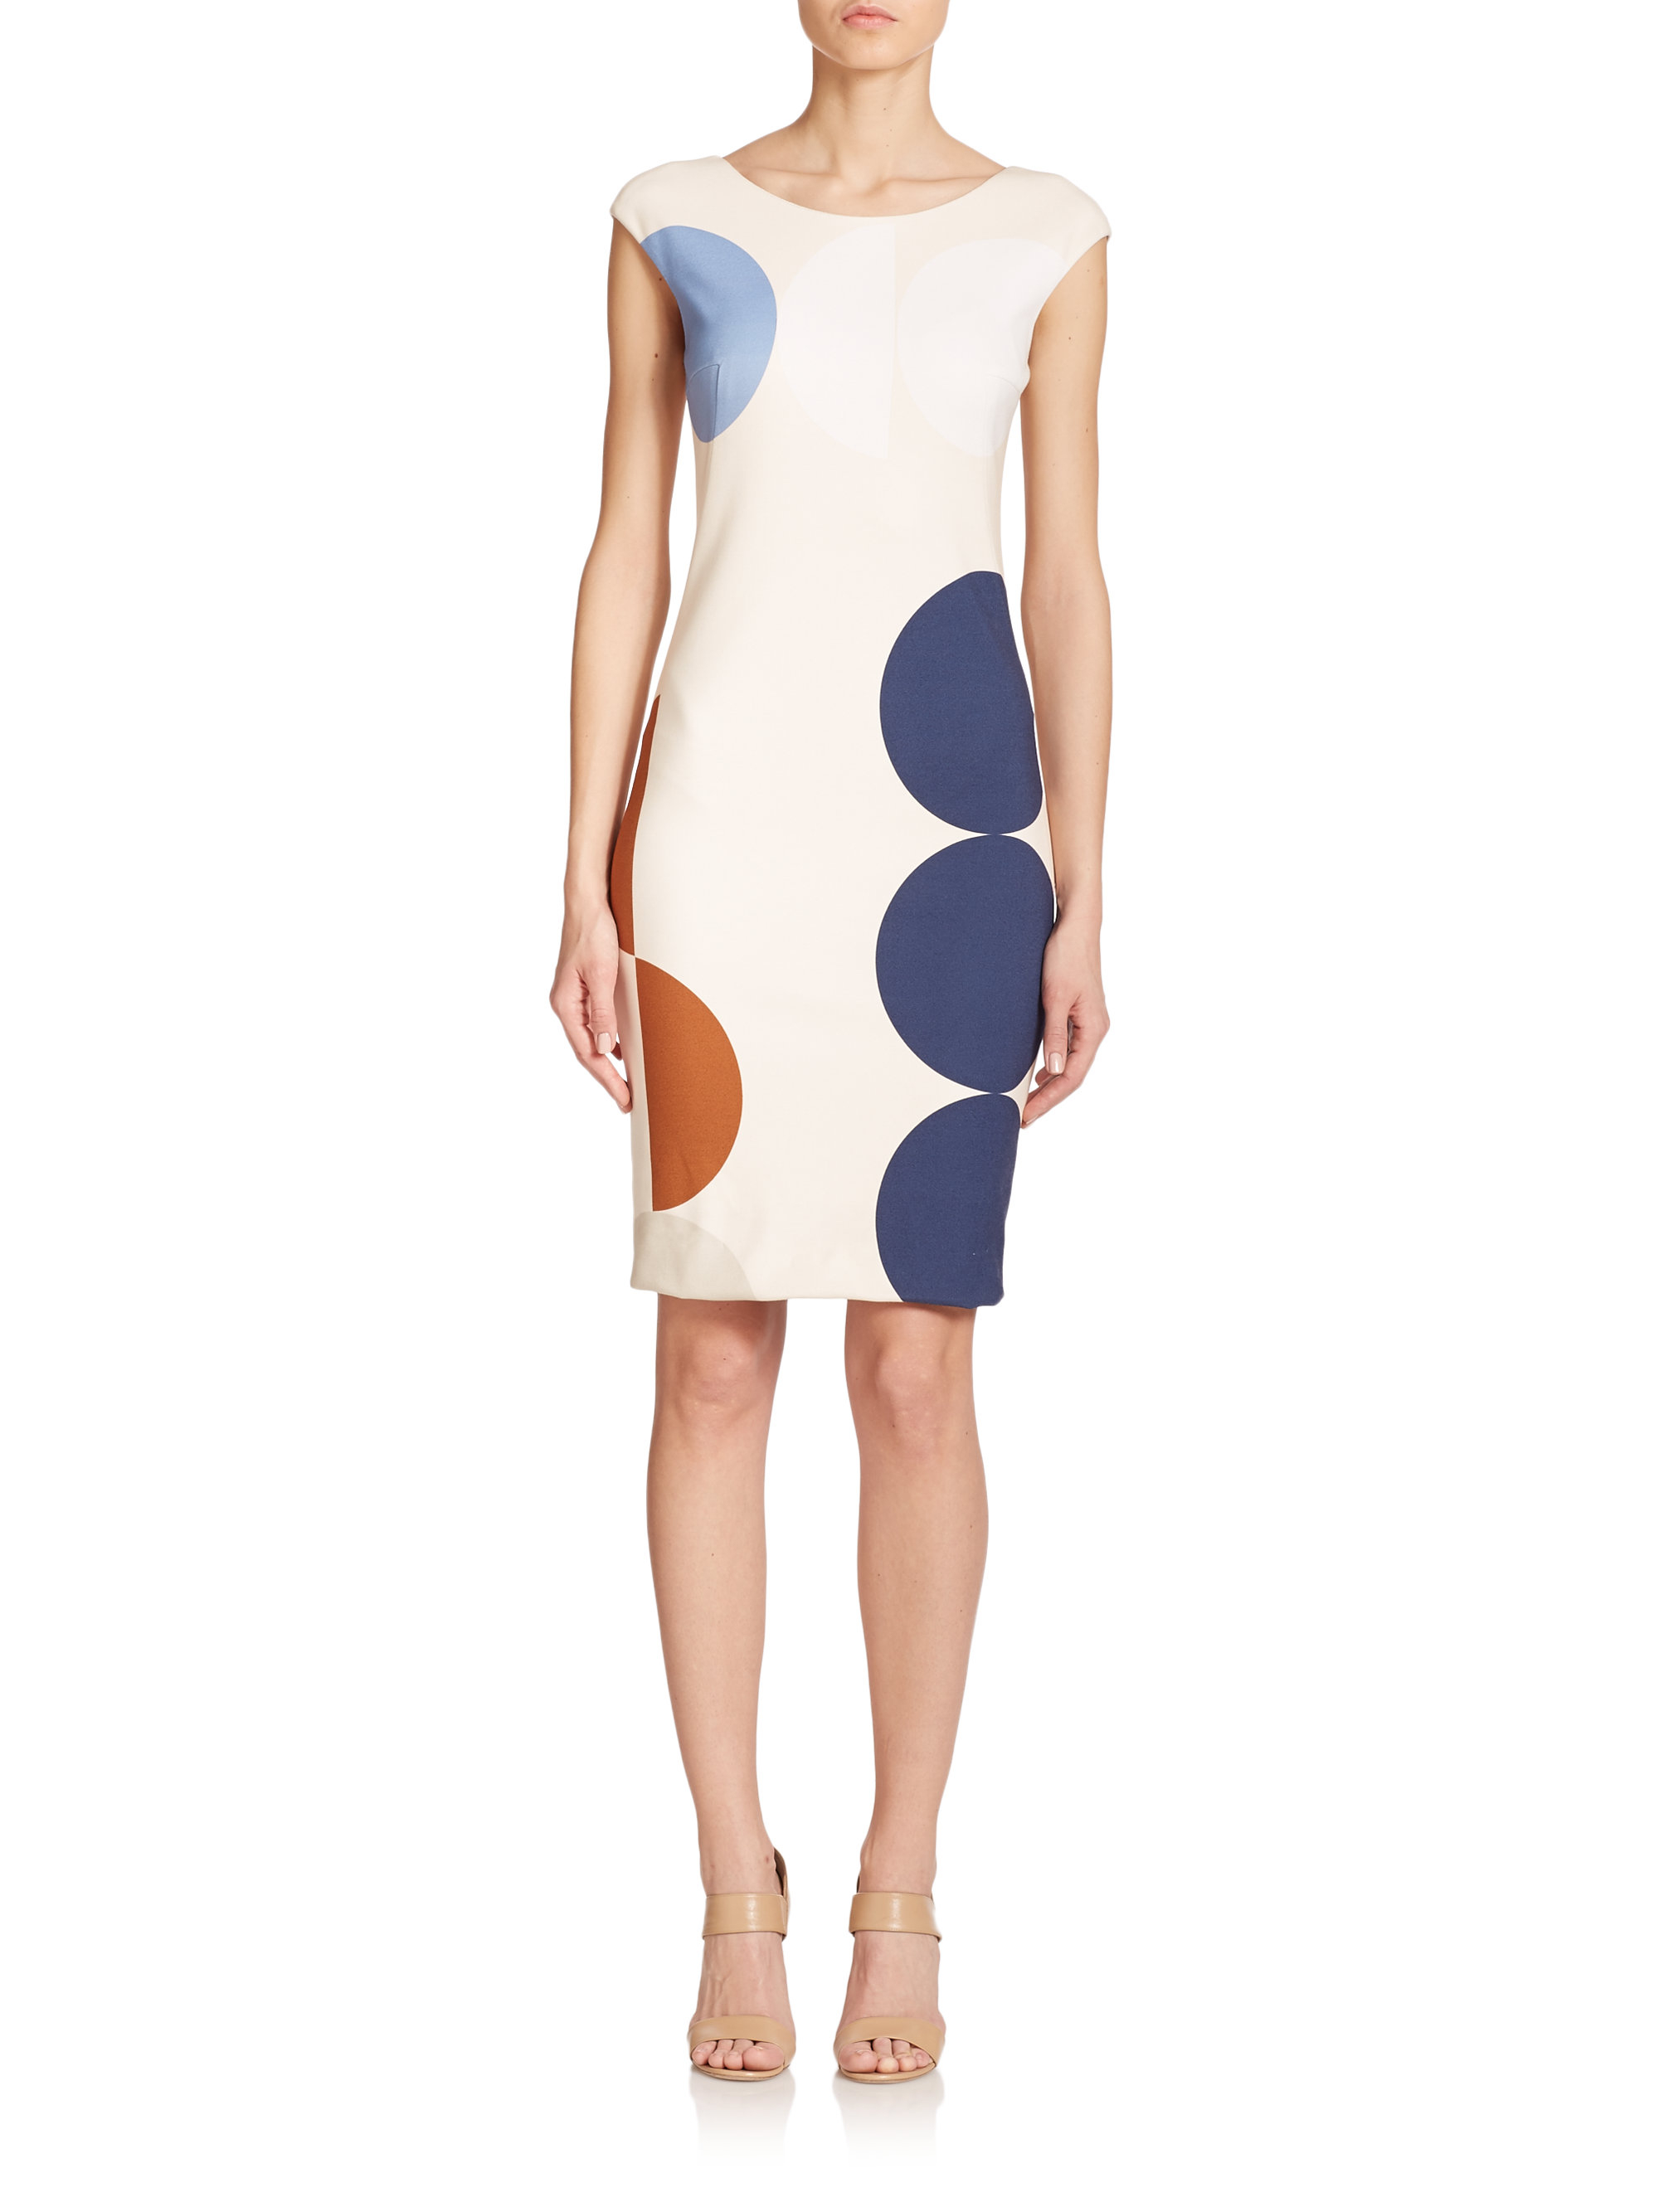 DRESSES - Short dresses Akris L2mZobc